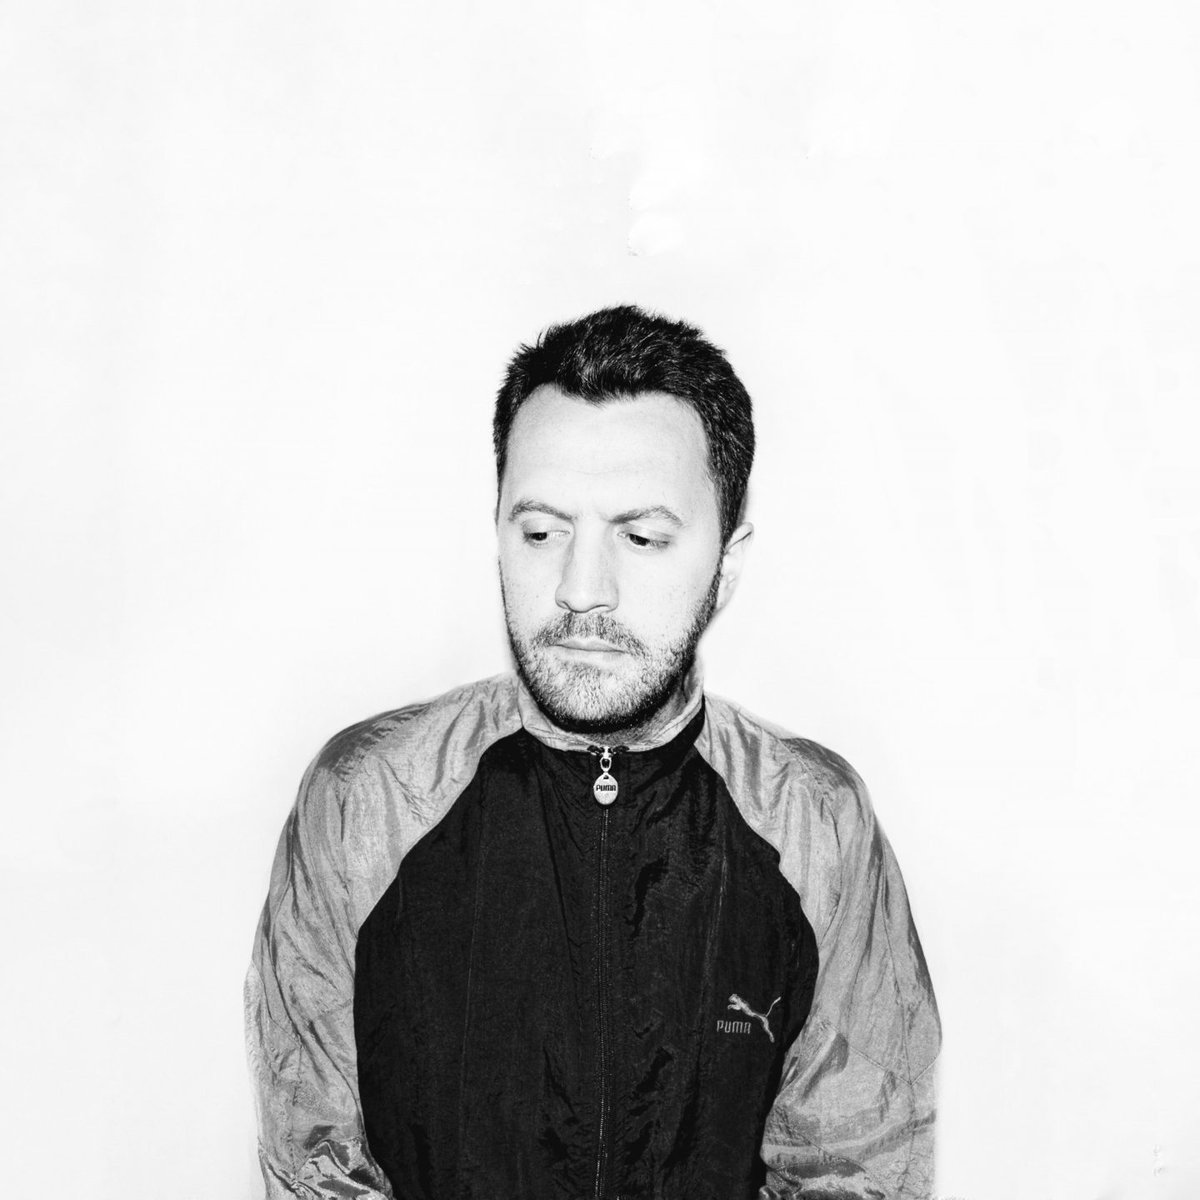 """test Twitter Media - En un nuevo episodio de #ViajeSinRumbo🚀 recibimos la visita de Víctor Schlesinger, líder del proyecto musical Concon, para conversar sobre su EP debut """"El Alto"""" y acerca de su rol como gestor cultural en la industria de la música 🎶. Escucha el podcast -> https://t.co/YBHke73uZ1 https://t.co/RQs0PmiFUW"""